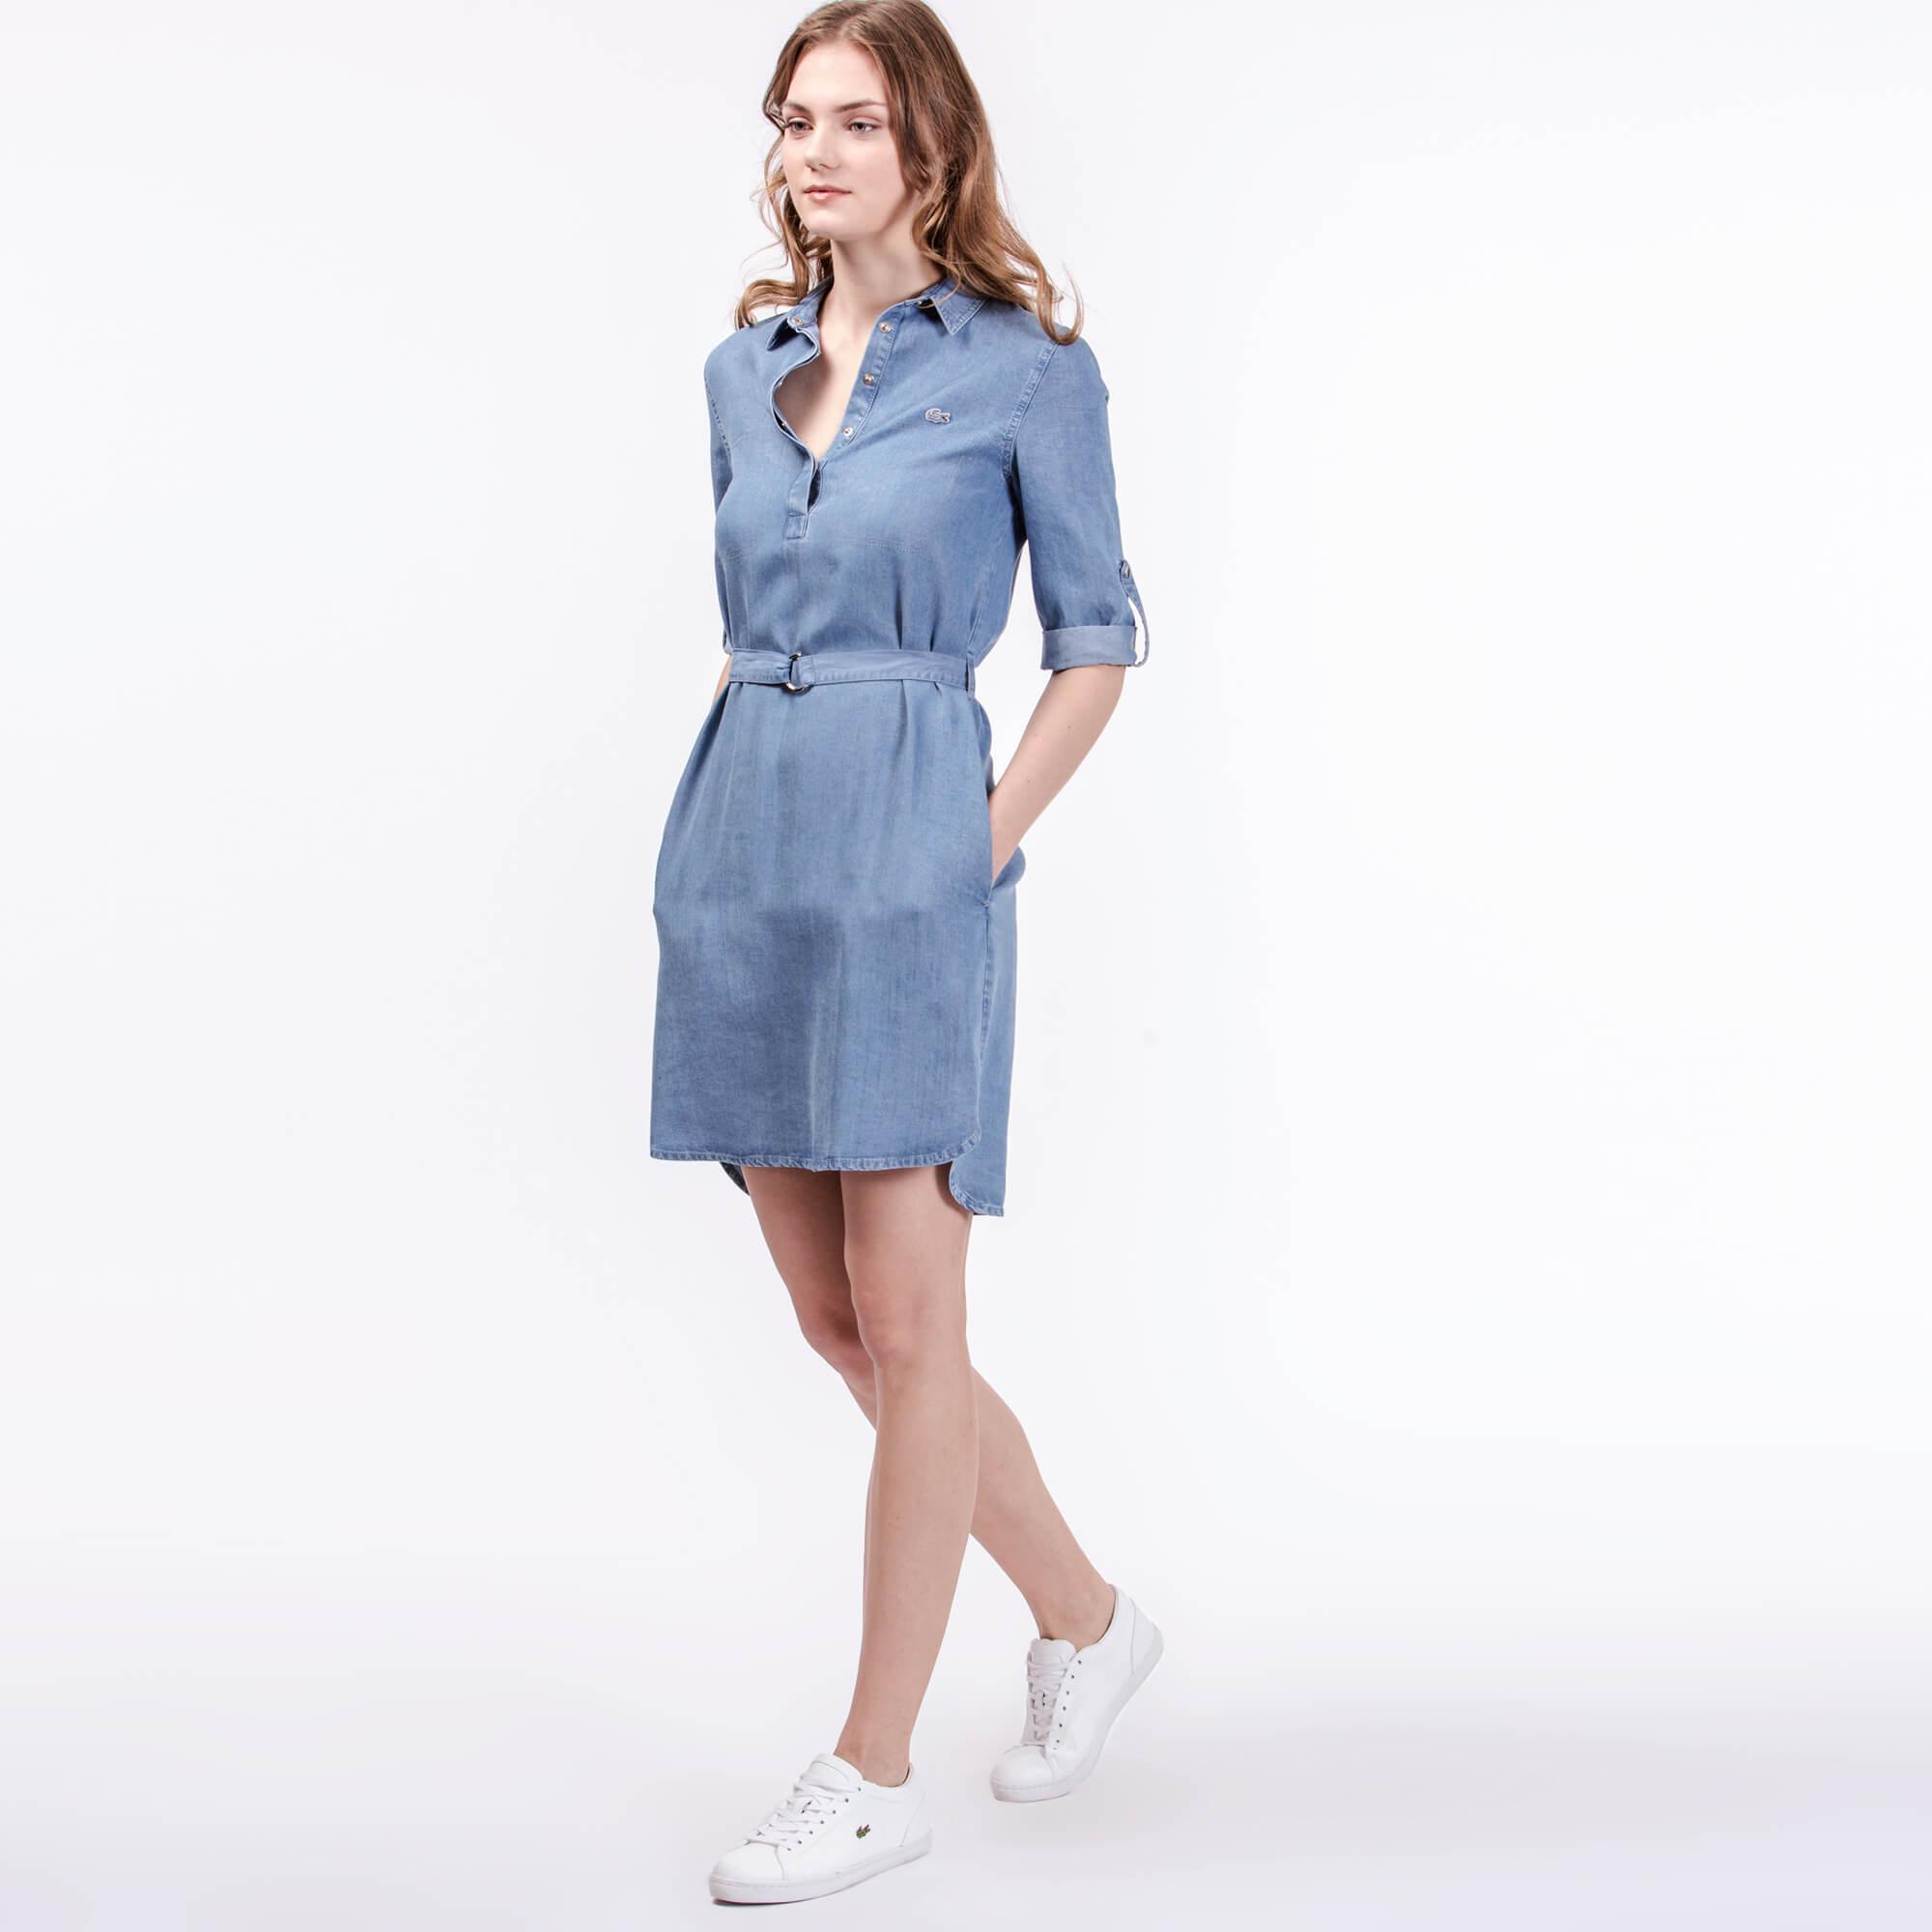 Lacoste Women's Regular Fit Dress